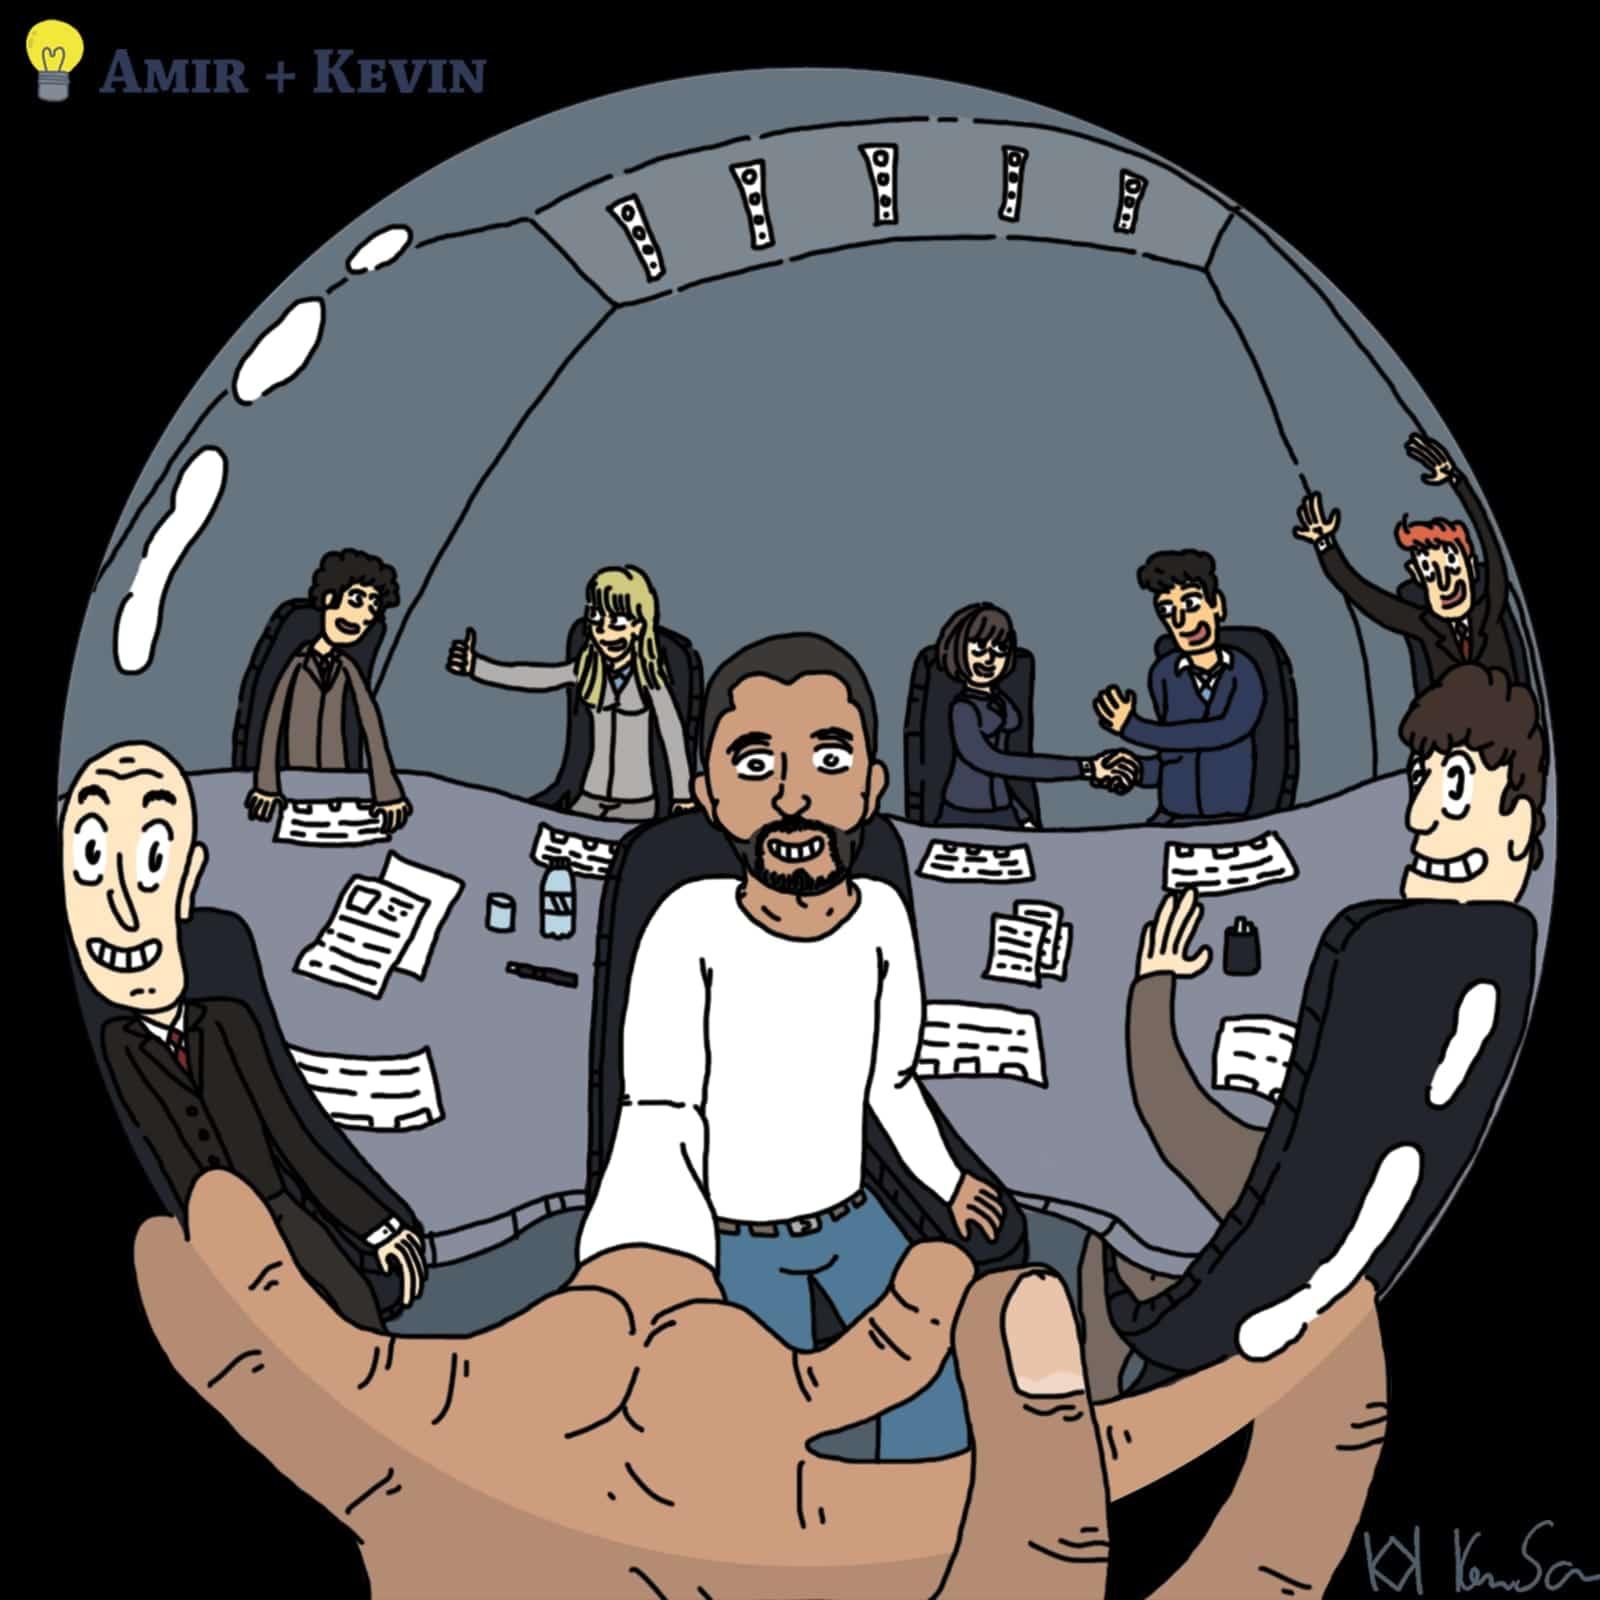 illustrazione capire come creare un nuovo prodotto etico da più punti di vista